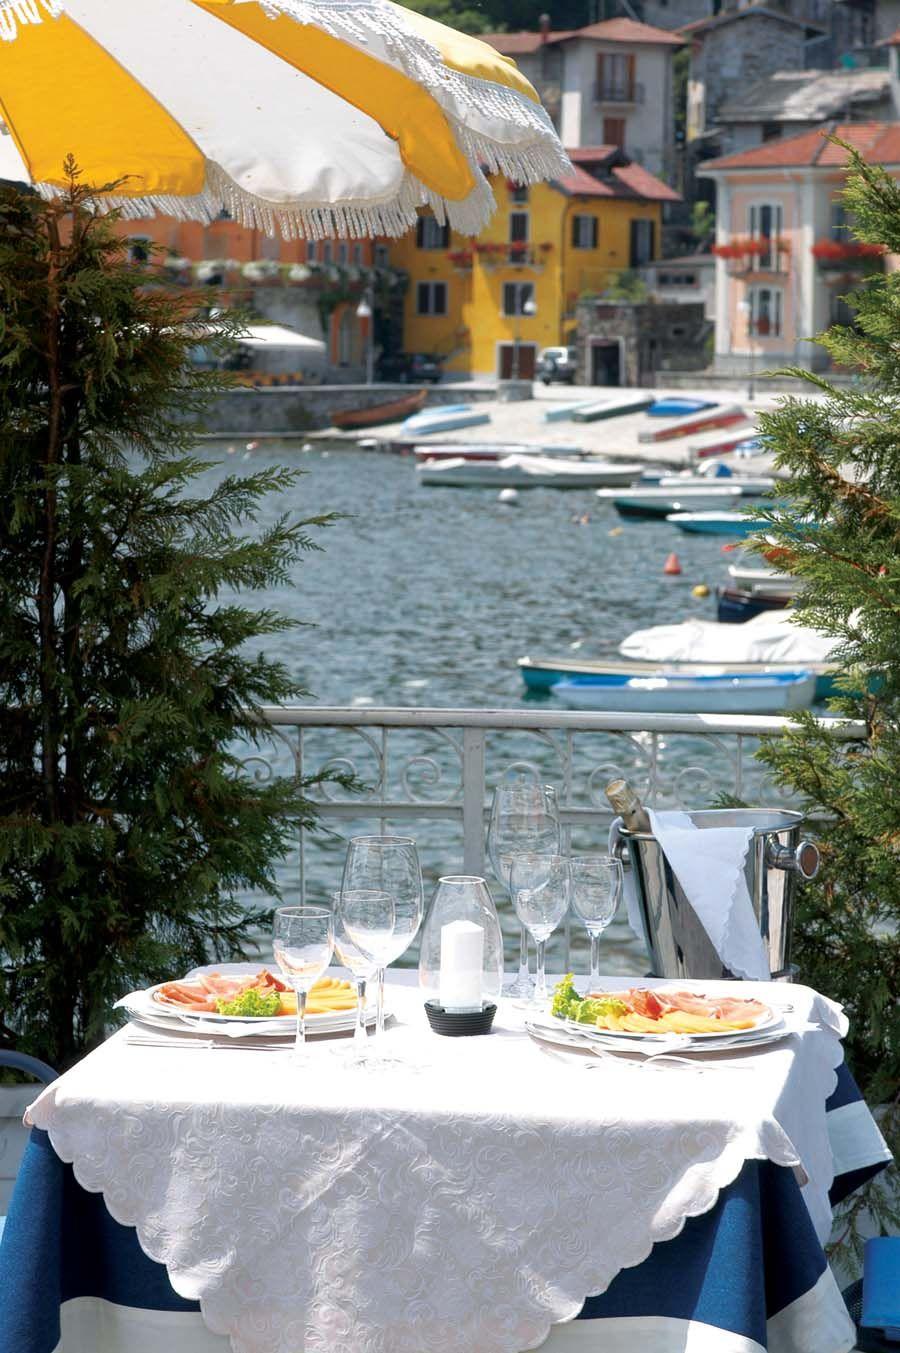 HOTEL DUE PALME ***  Mergozzo (VB): http://www.hotel-economici-daydreams.it/ricerca-hotel-europa/Italia/Piemonte/Mergozzo/HOTEL-DUE-PALME